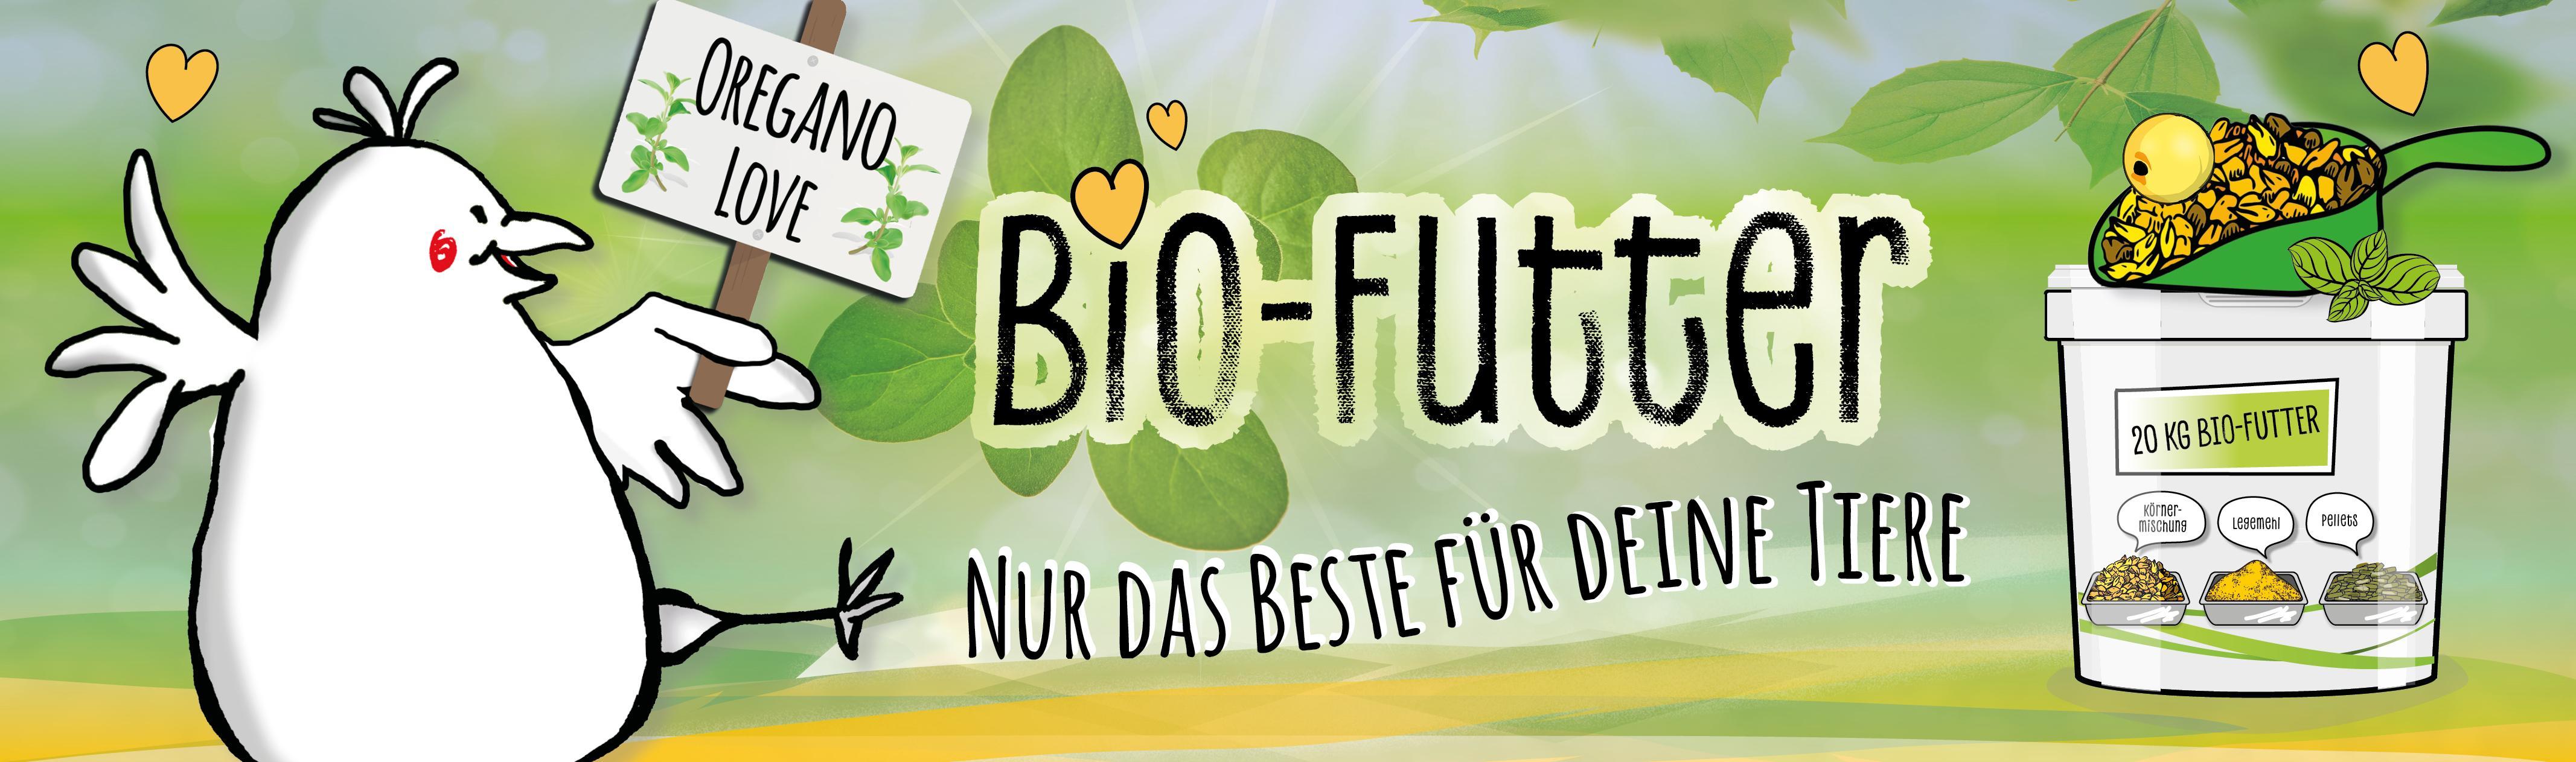 Banner-Biofutter_1024x303